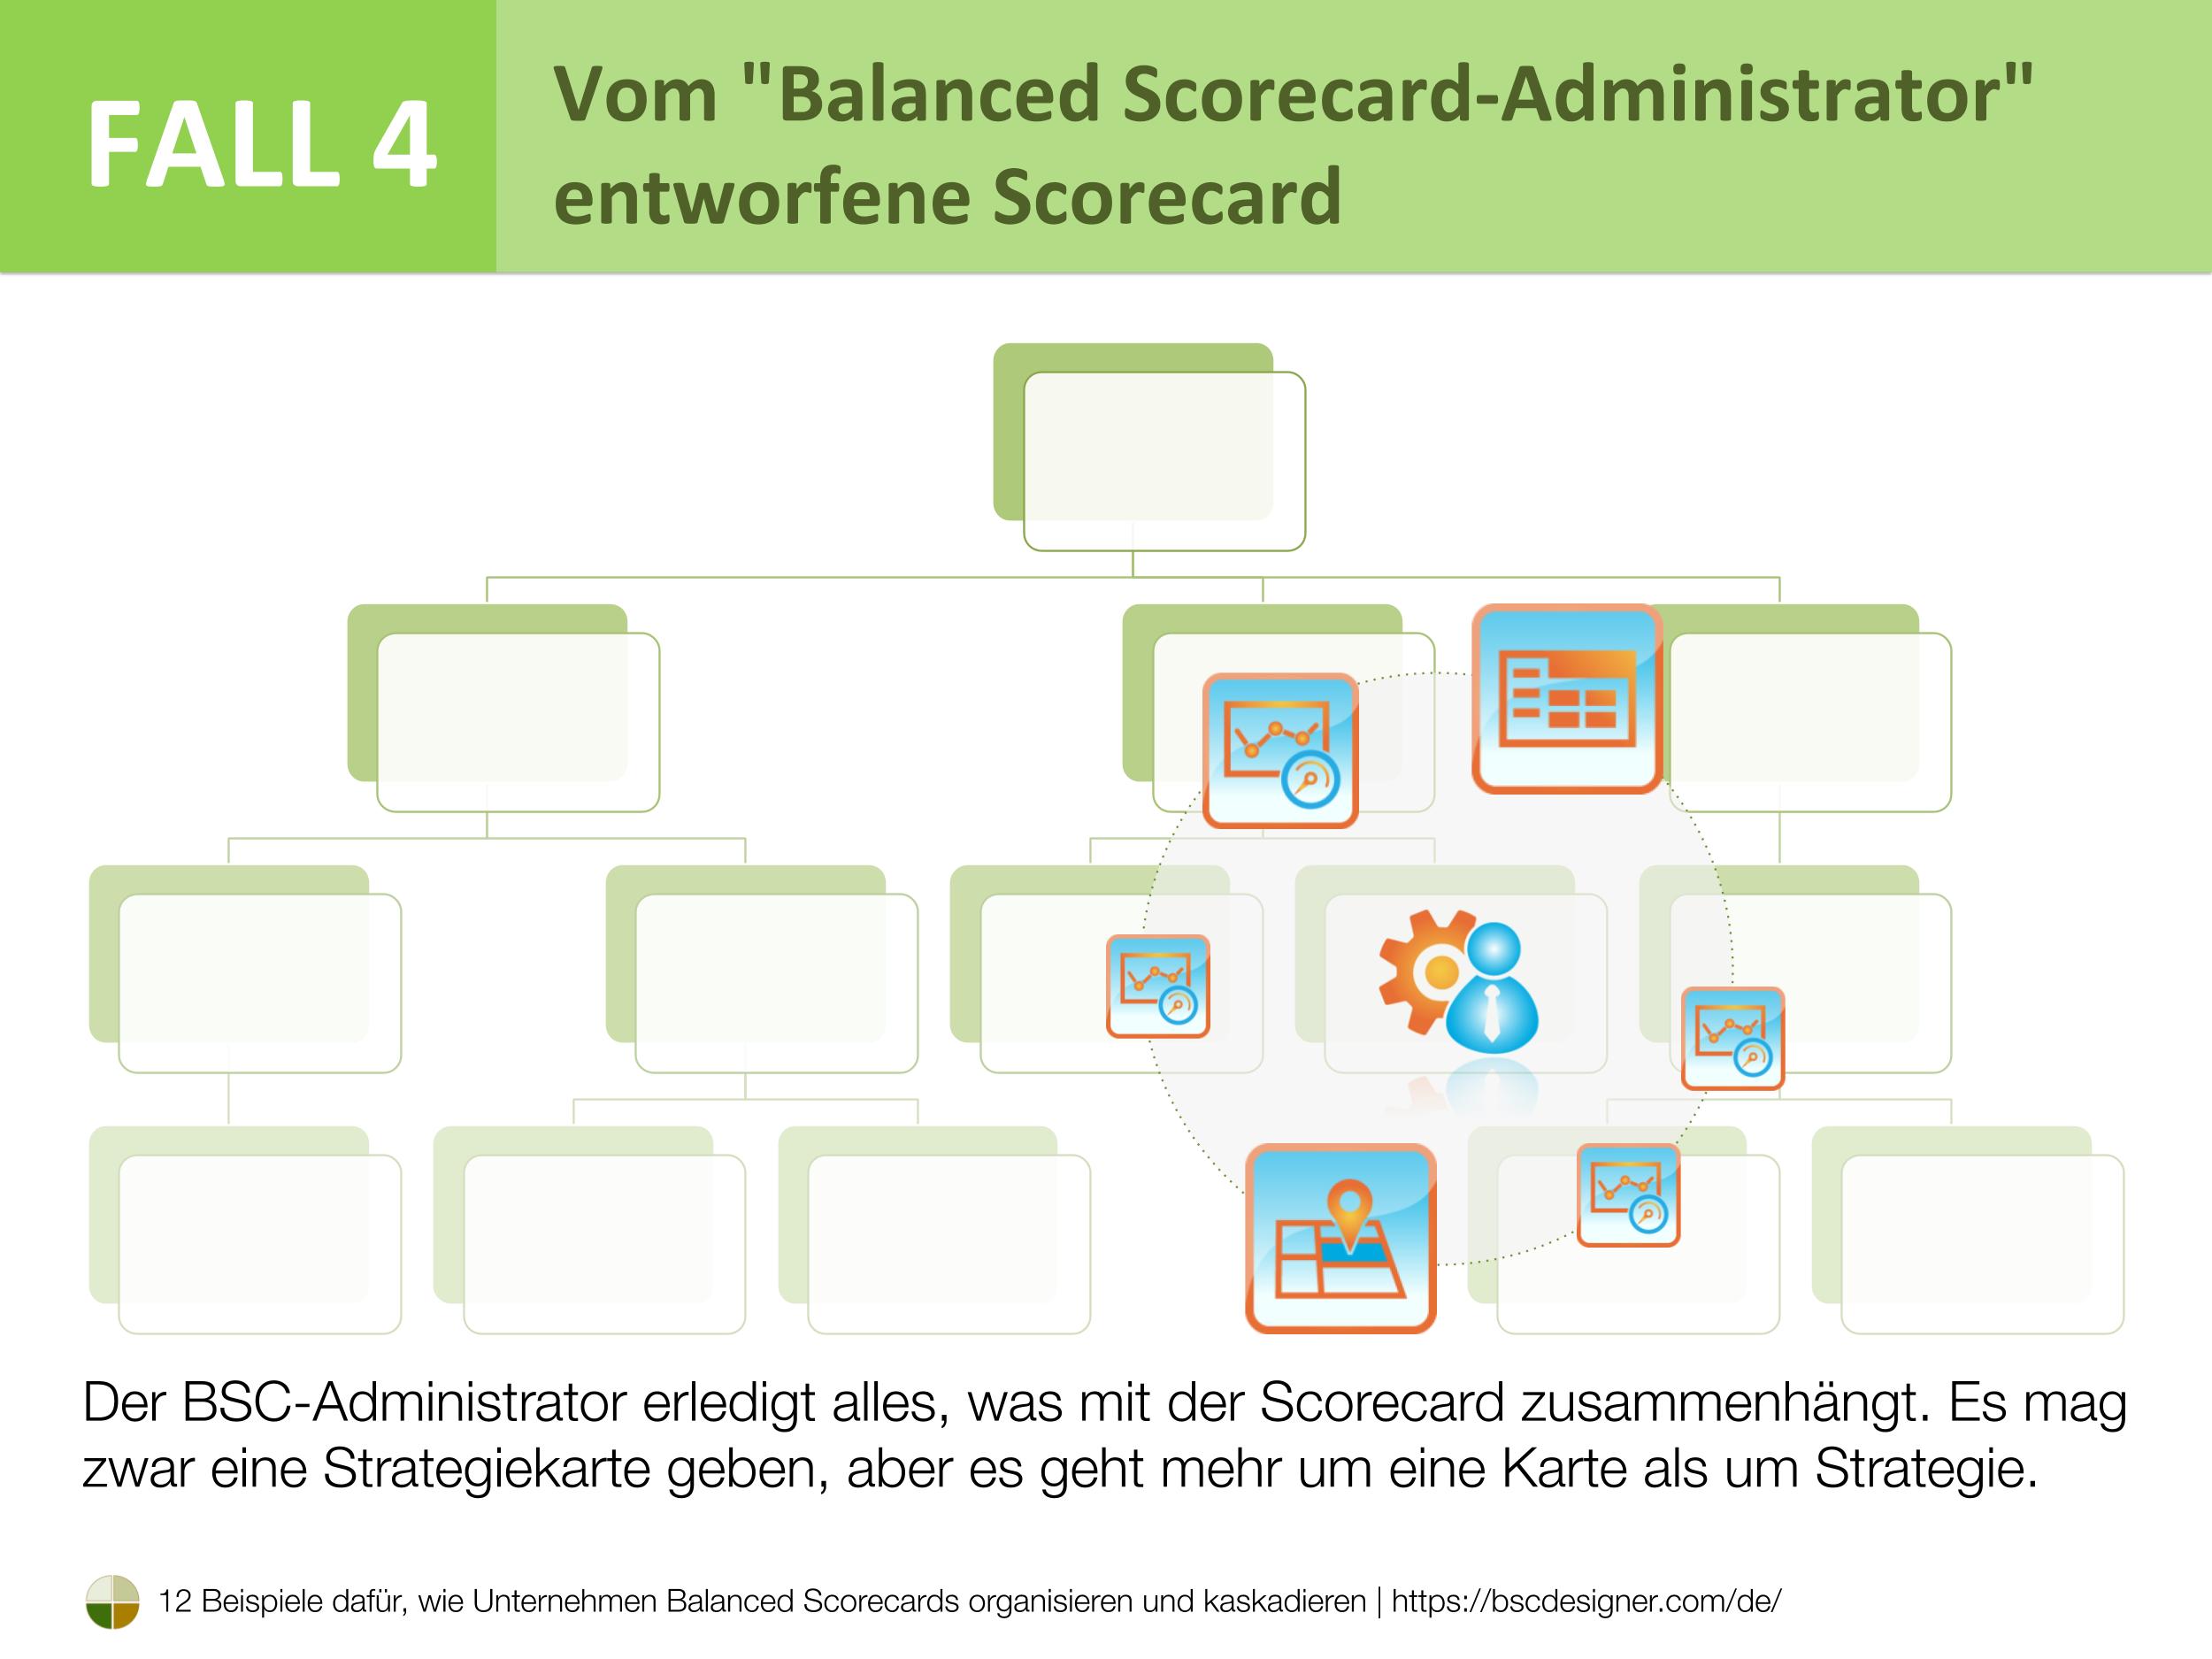 """Vom """"Balanced Scorecard-Administrator"""" entworfen Scorecard"""